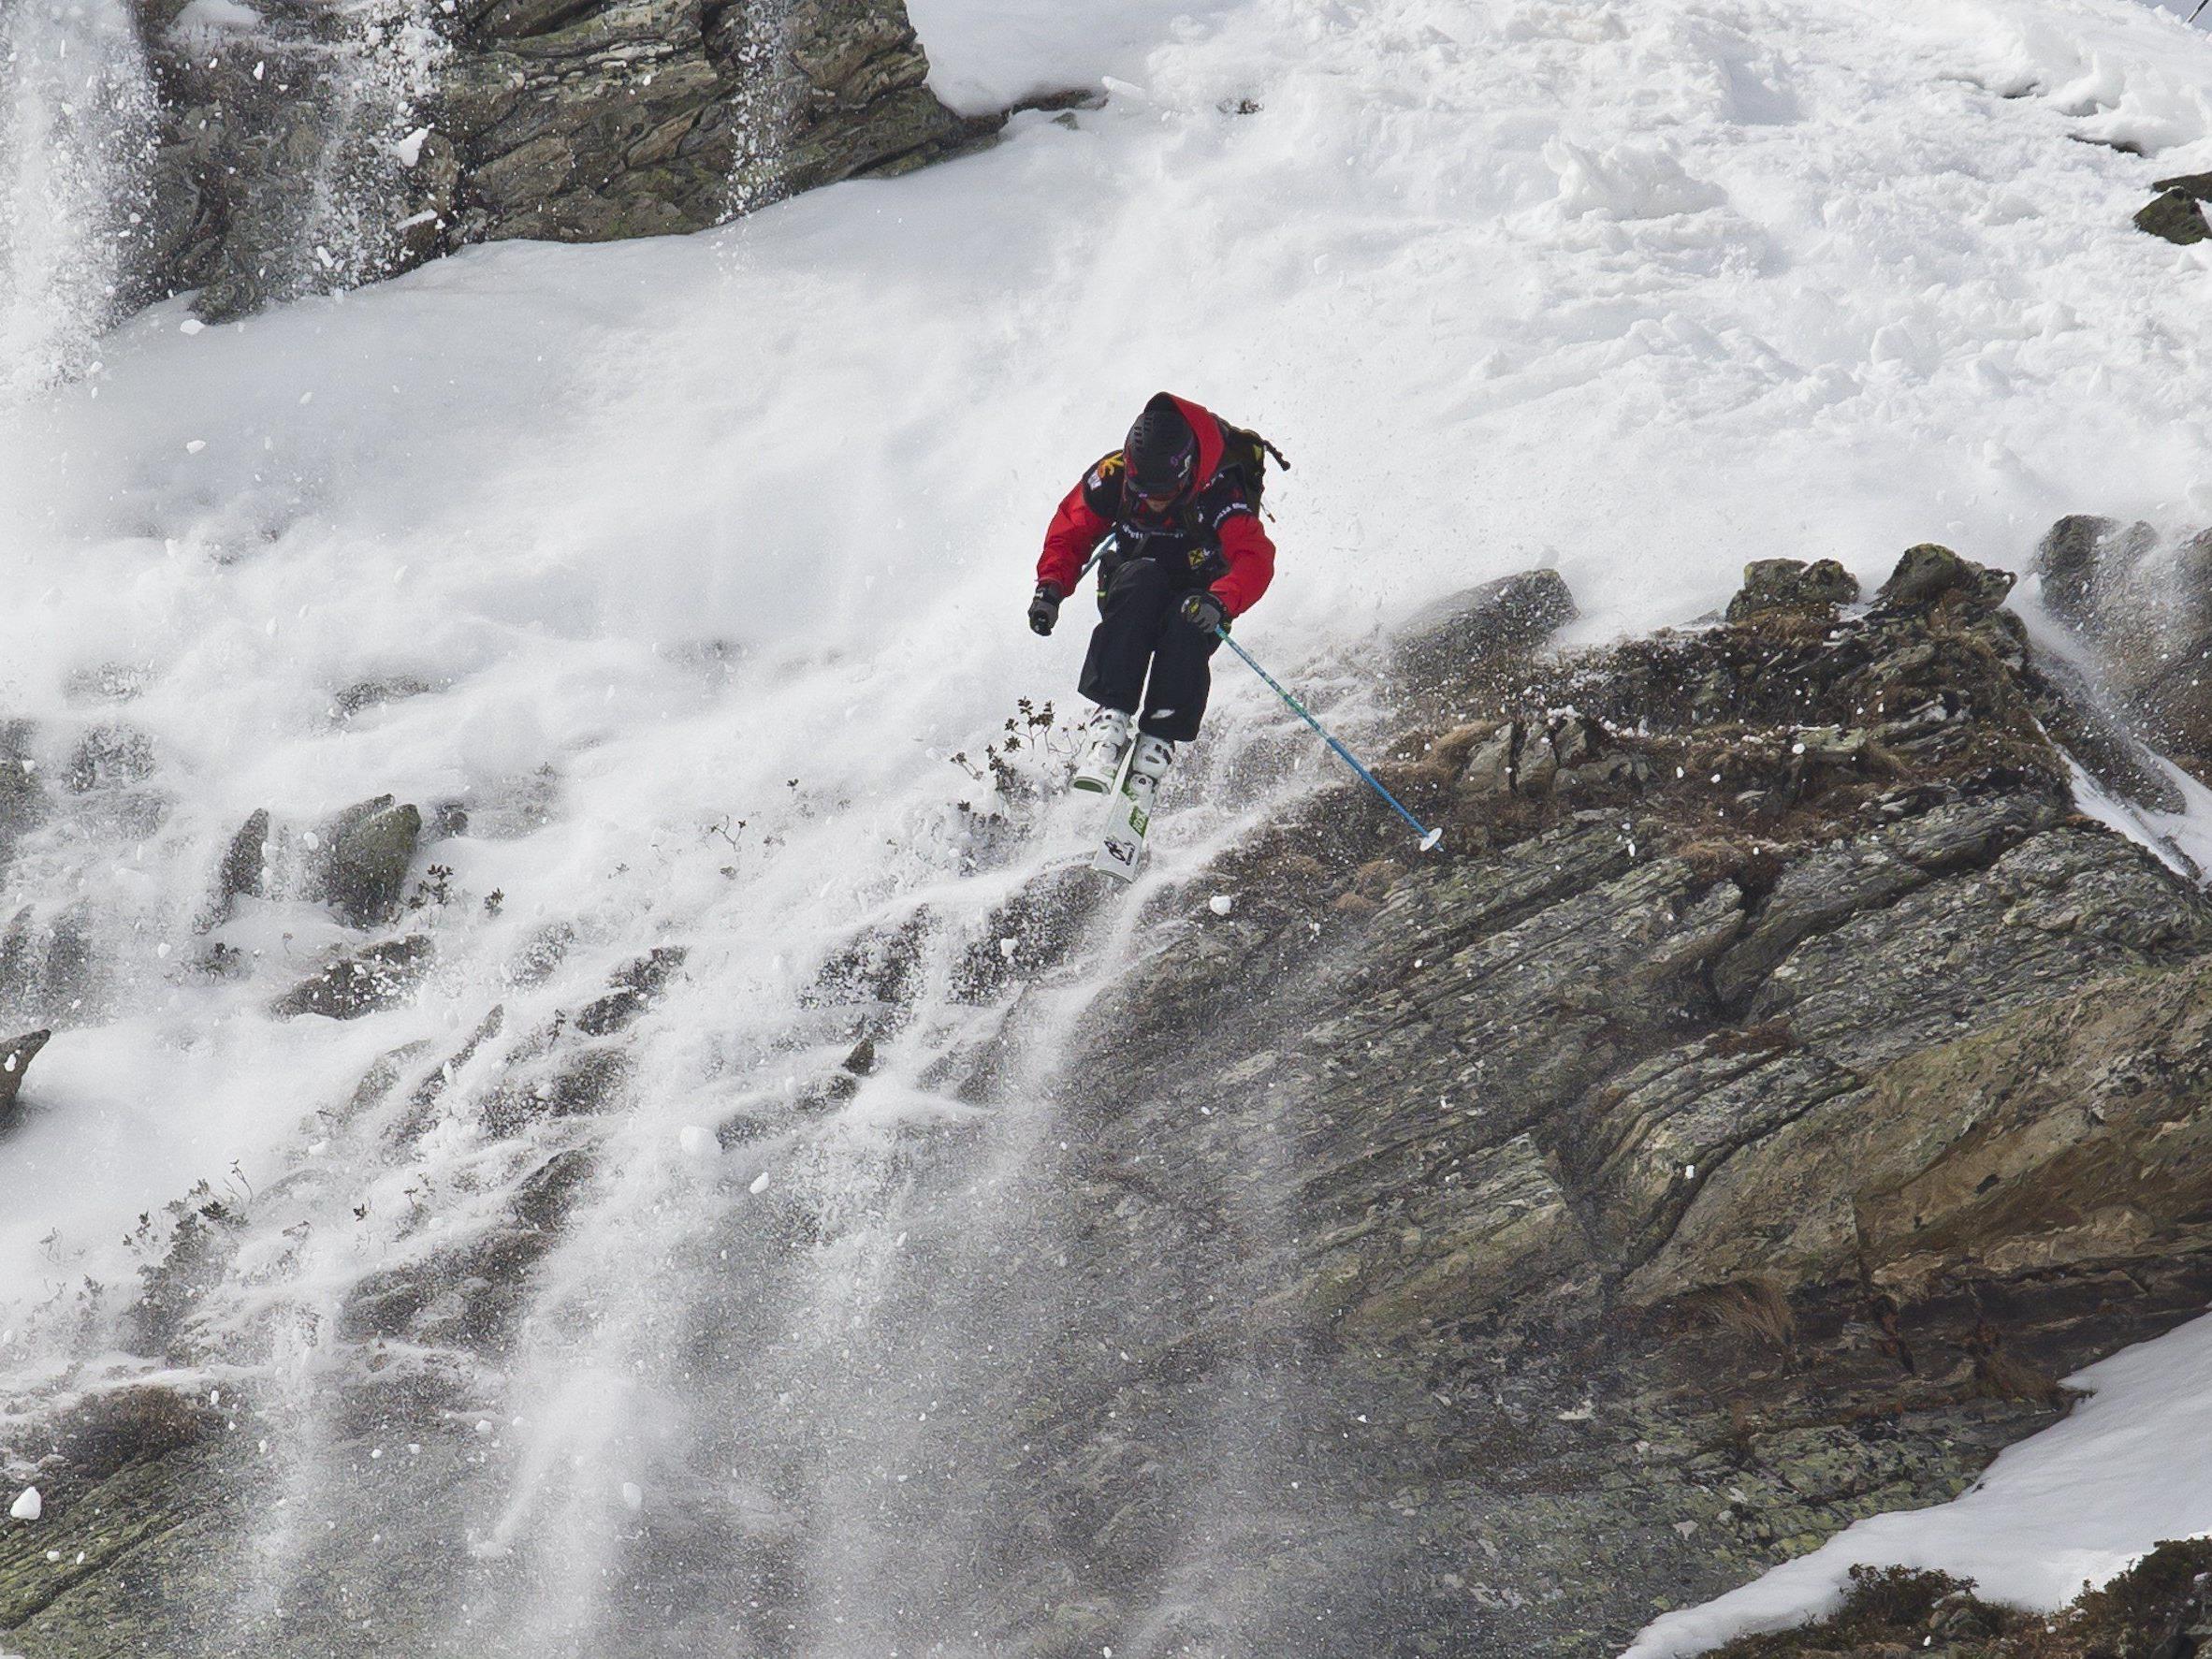 """Am 7. März richtet sich der Blick der Freeride-Community auf die """"Heimspitze"""" in der Silvretta Montafon."""